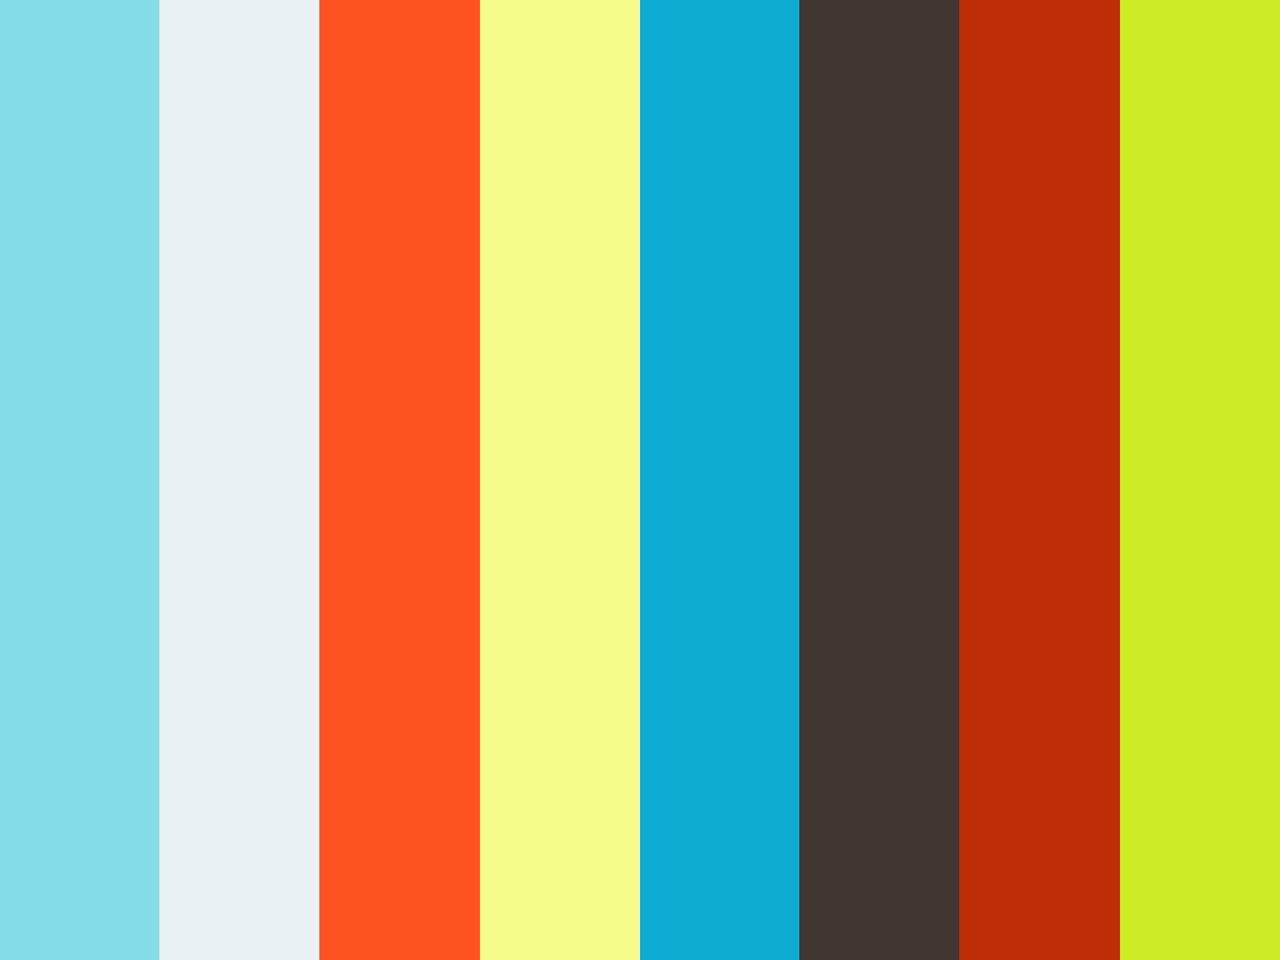 Tutorial Violín - Texturizado y shading de un Violín con Modo - 5/5